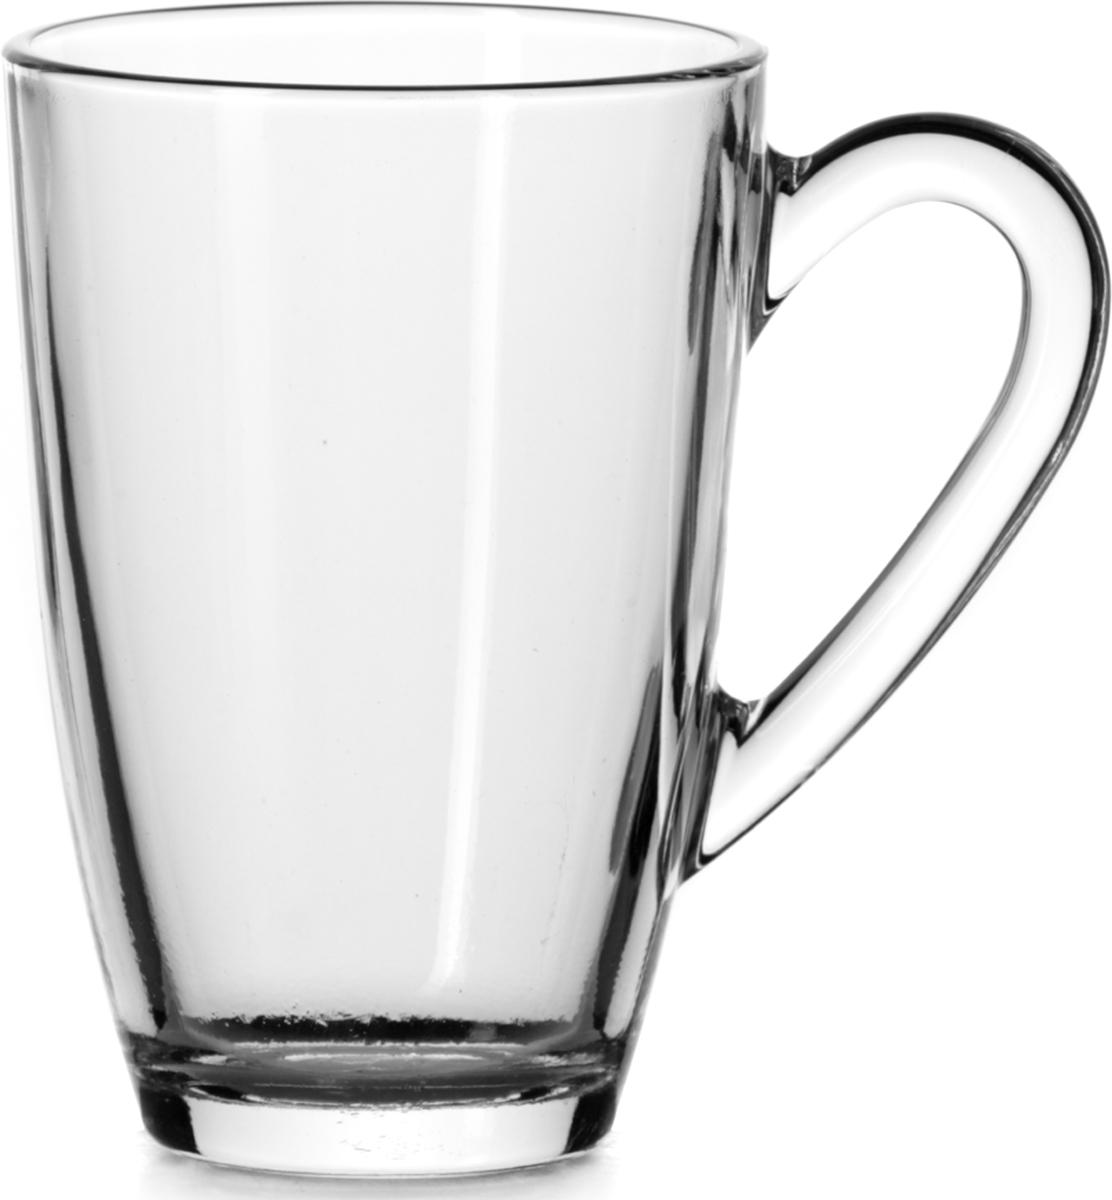 """Набор Pasabahce """"Aqua"""" состоит из двух кружек с удобными ручками, выполненных из прочного натрий-кальций-силикатного стекла. Изделия хорошо удерживают тепло, не нагреваются. Посуда Pasabahce будет радовать вас оригинальным дизайном и качеством изготовления."""